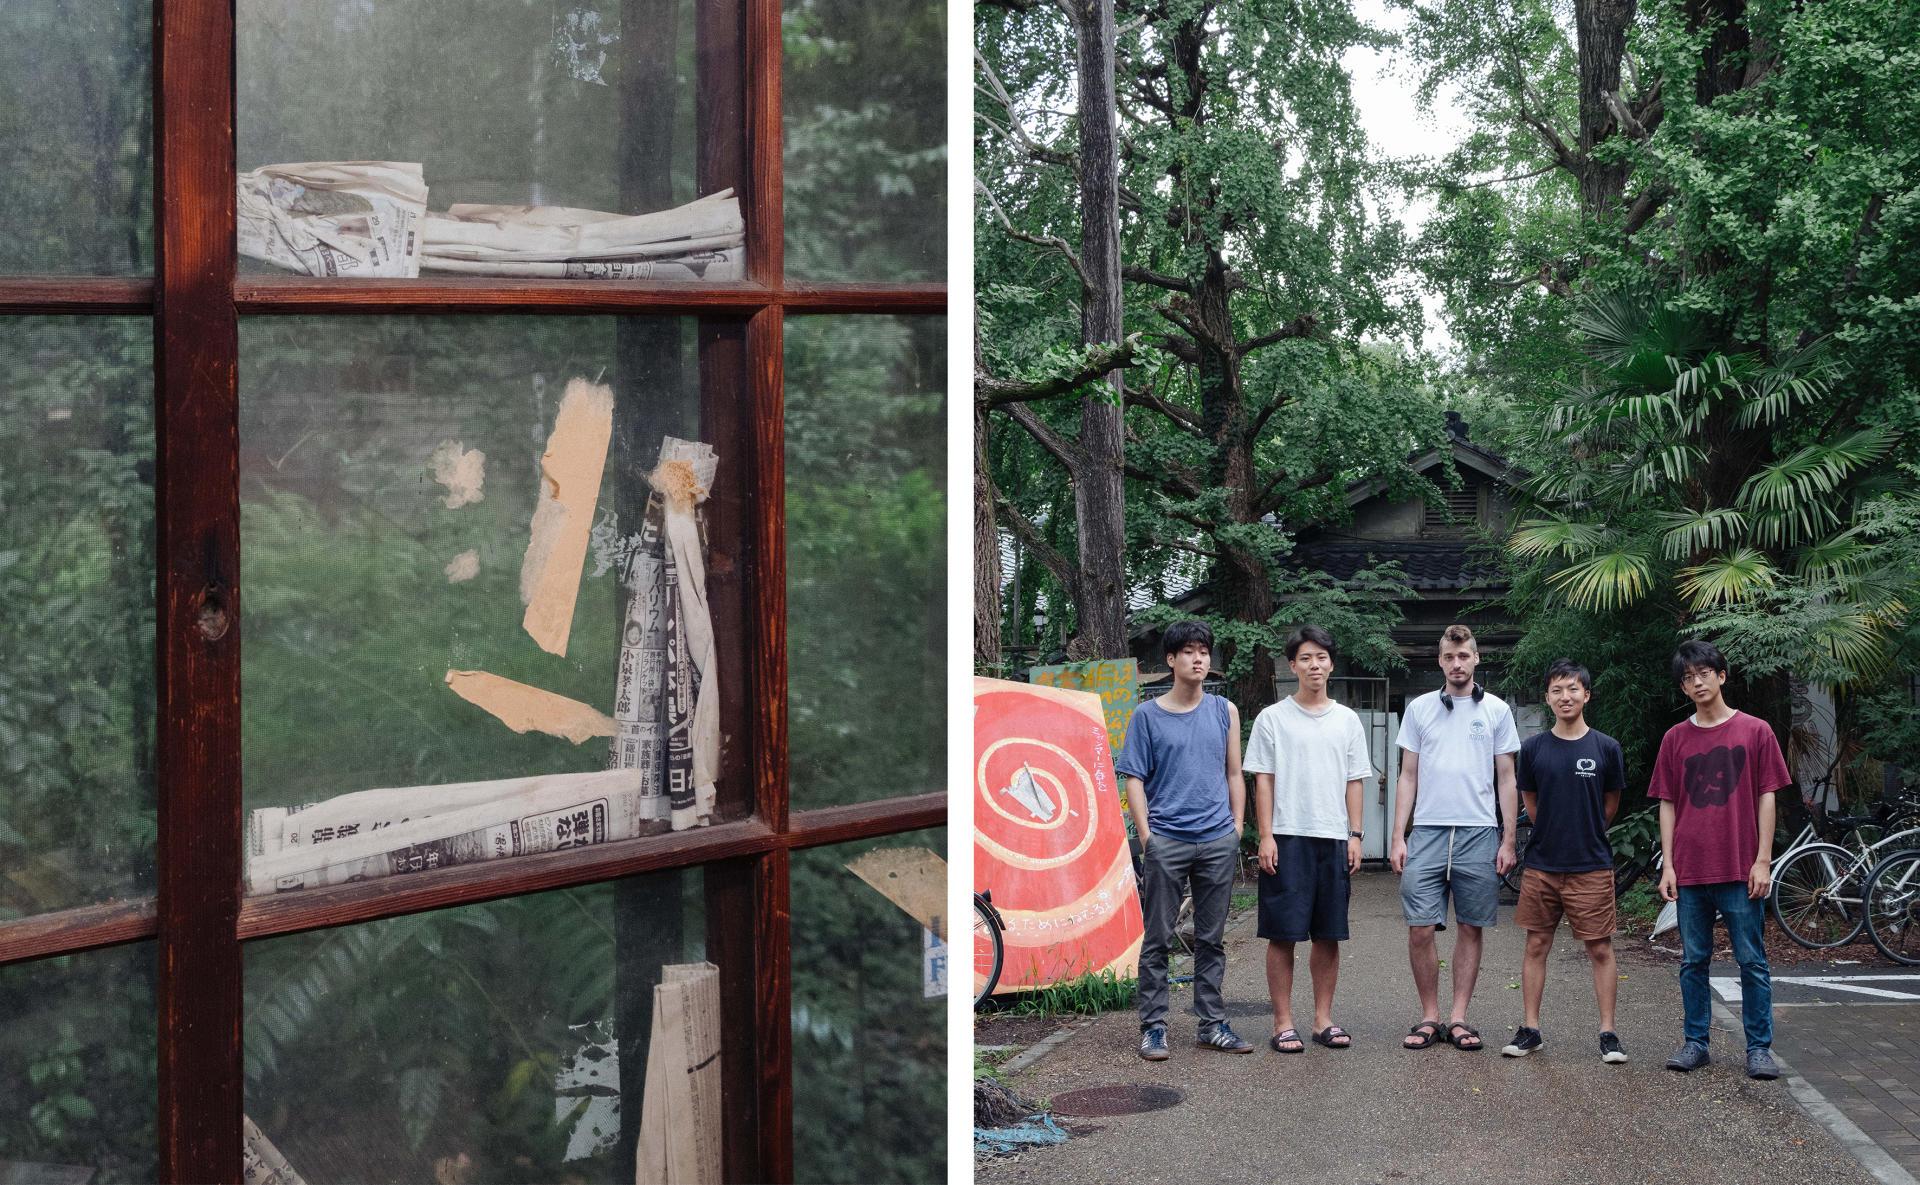 Dortoir Yoshida de l'université de Kyoto, le 11 juillet 2021. A gauche, détali de la fenêtre de la salle commune; à droite,Sho Sasaki, Ryosuke Hanzawa et leurs amis devant l'entrée principale du dortoir.